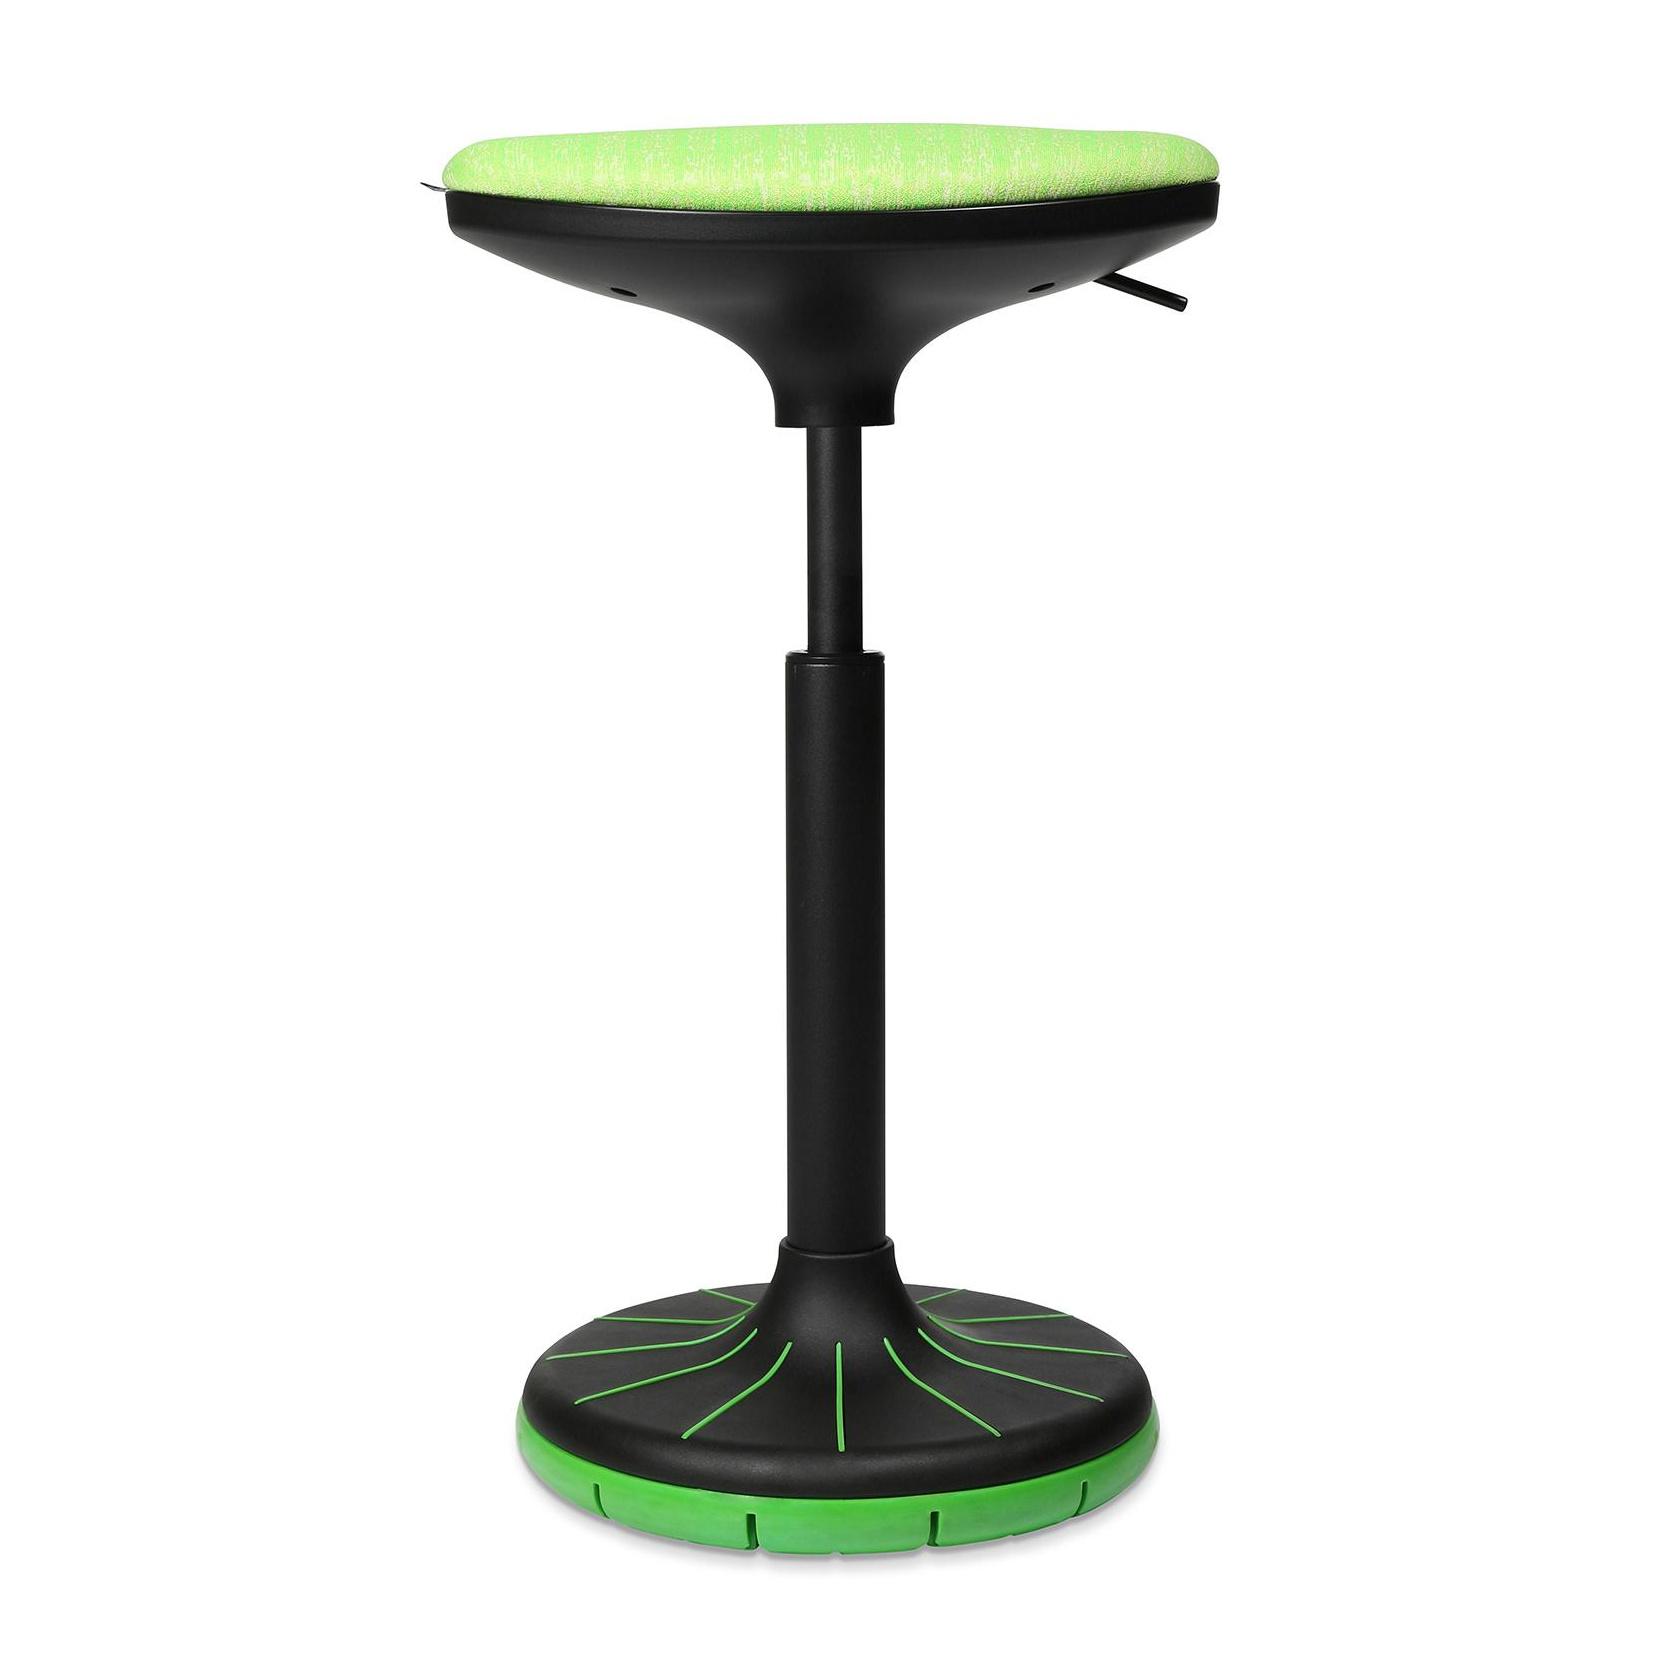 Wagner - W3 - Tabouret 3D - noir/vert/siège étoffe BV2 vert/PxP 38x32cm/H 57-79cm/patins incl./structure noire/ plante du pied vert